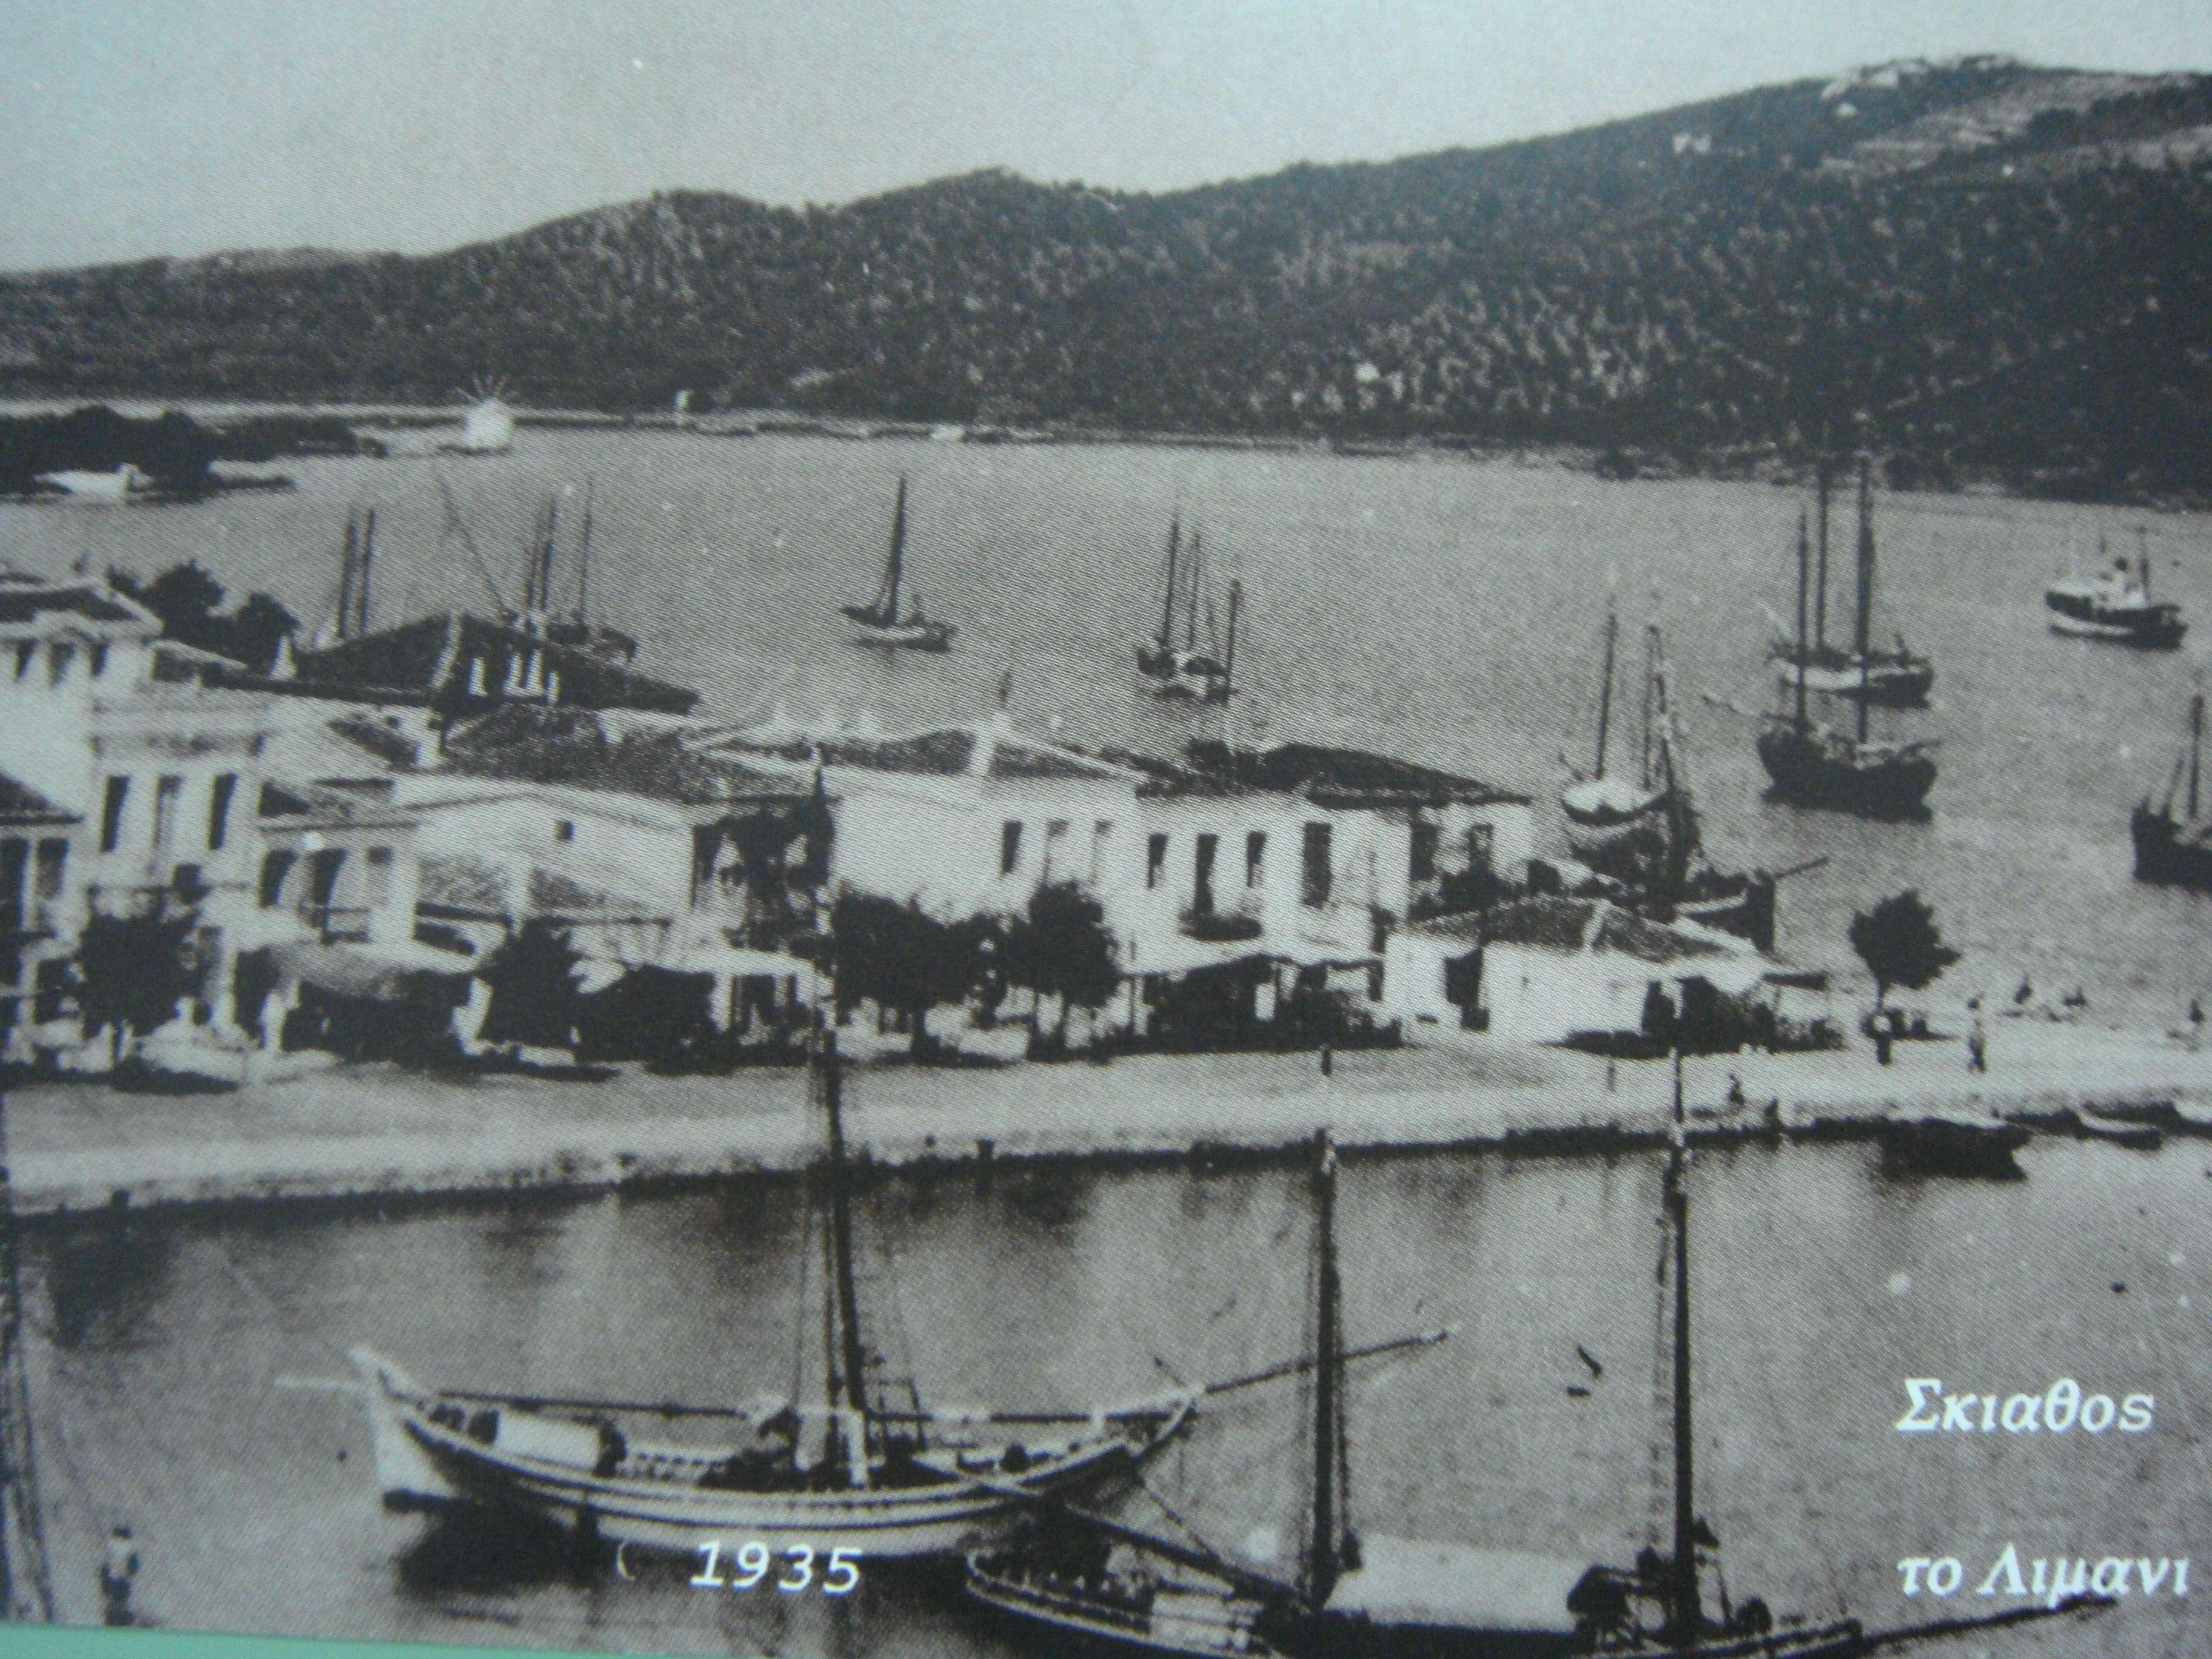 Η Σκιάθος γύρω στα 1935. Το παλιό λιμάνι